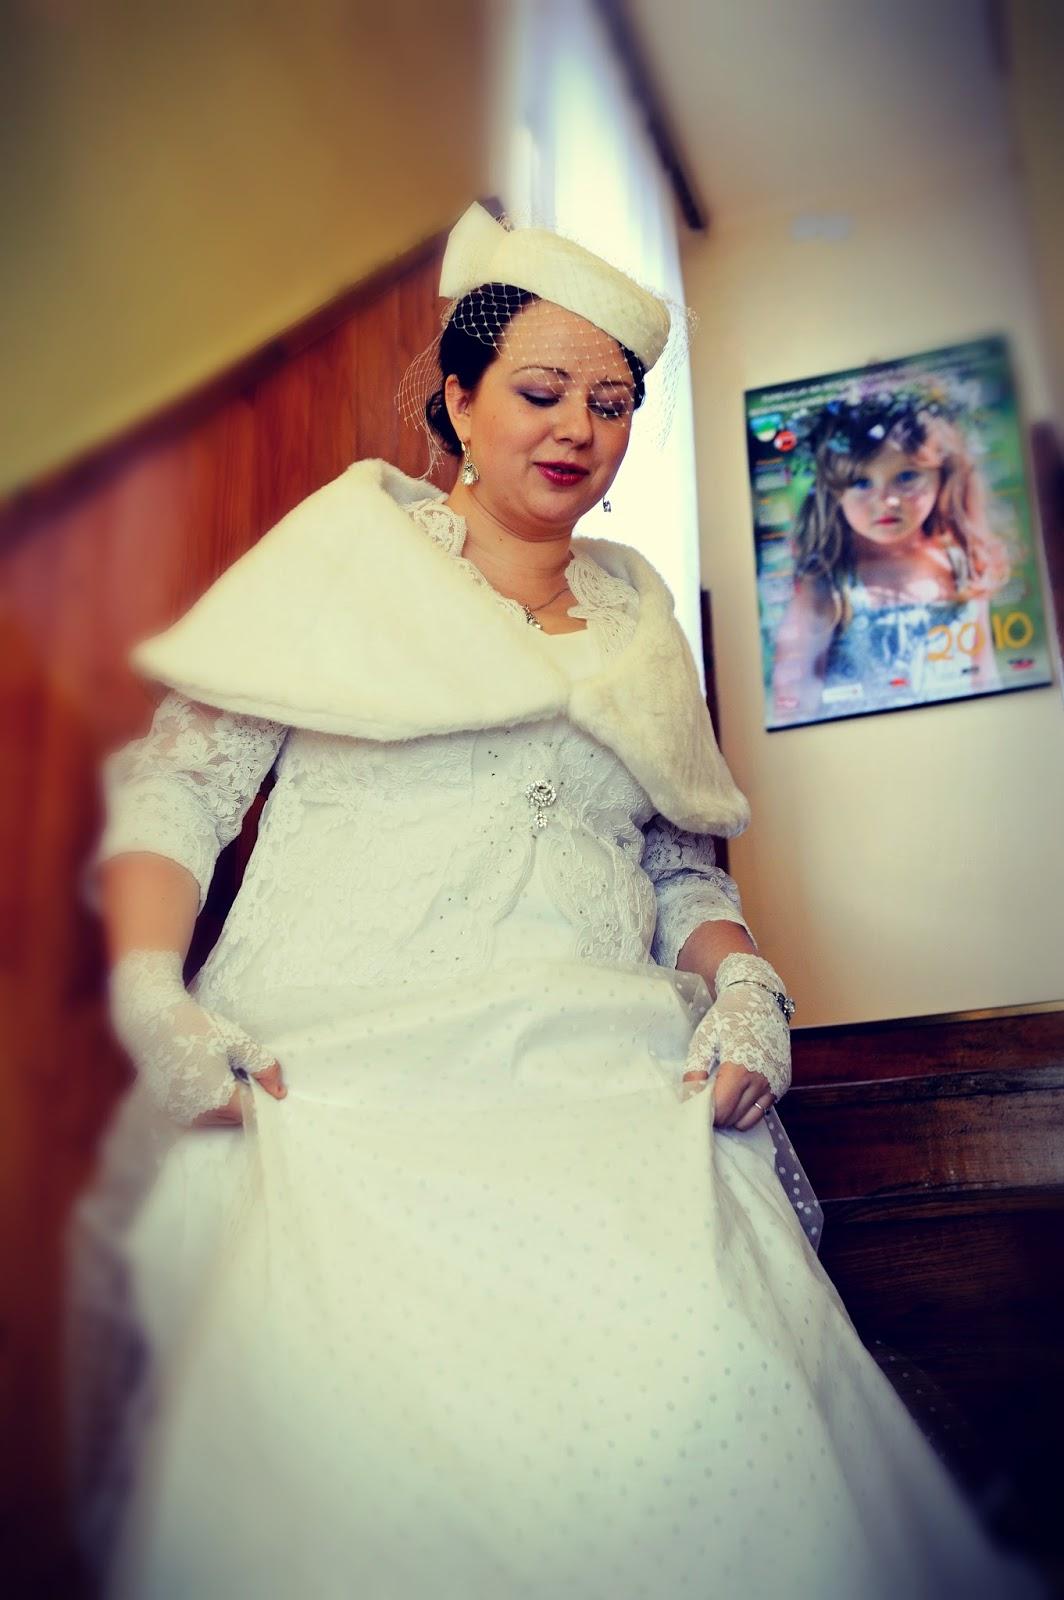 f00a97ce24 nietypowa panna młoda - jak szyłam sobie suknię ślubną